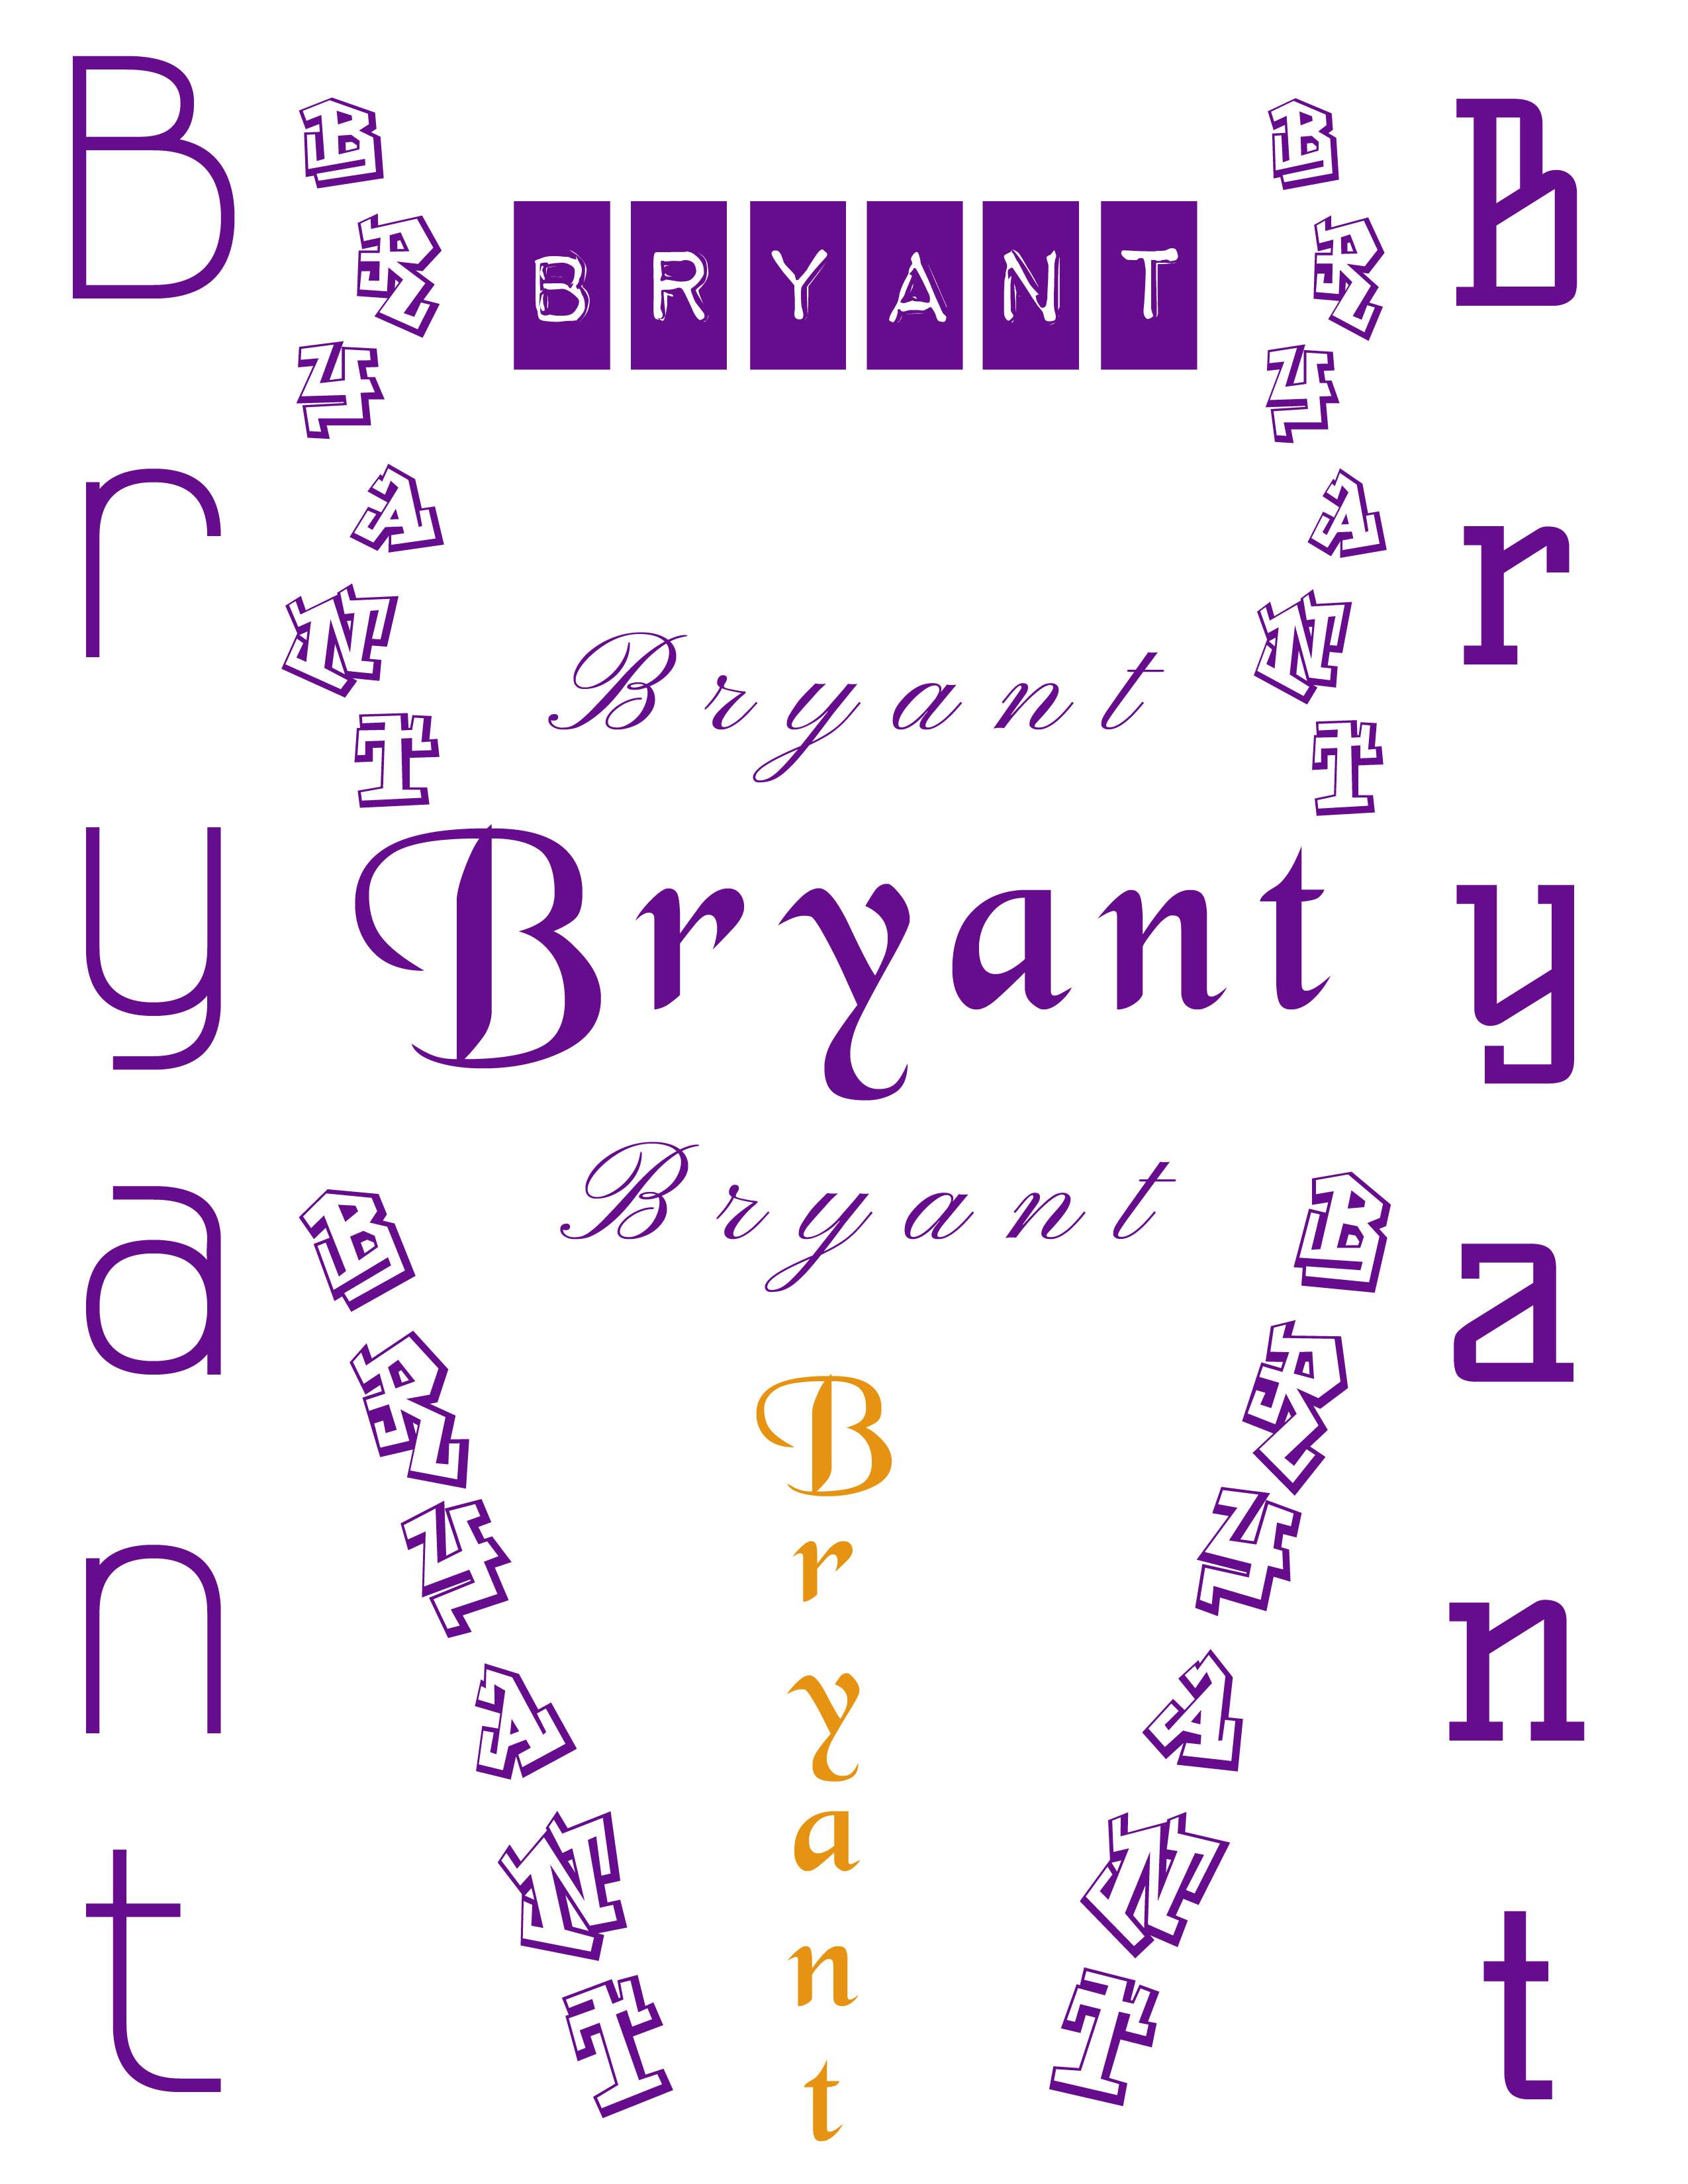 bryant_name